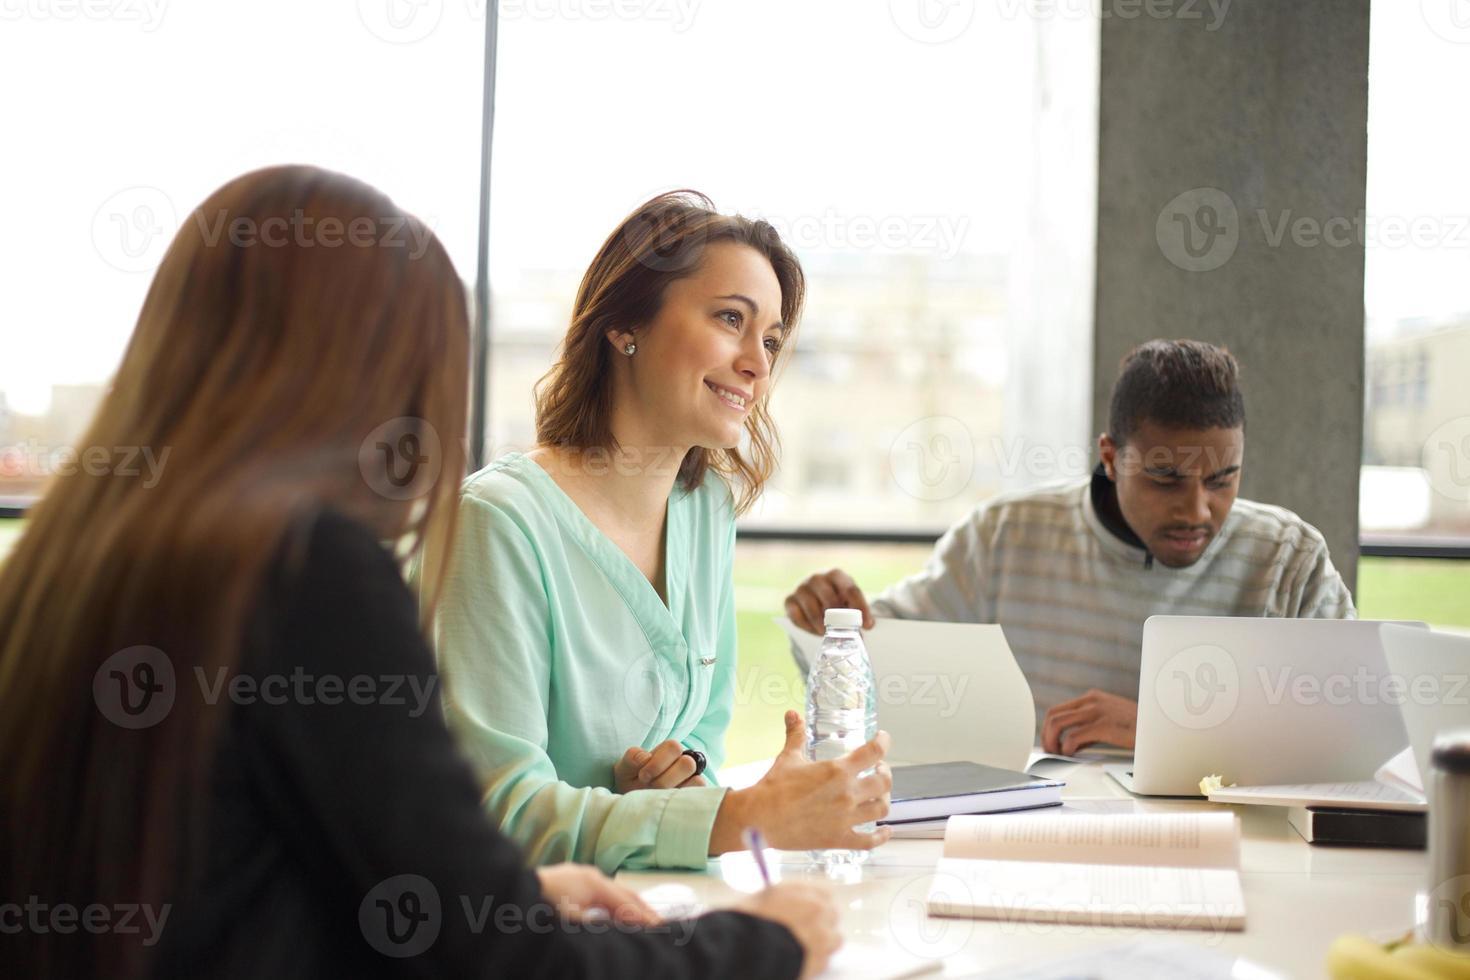 jeune femme, étudier dans la bibliothèque avec d'autres étudiants photo